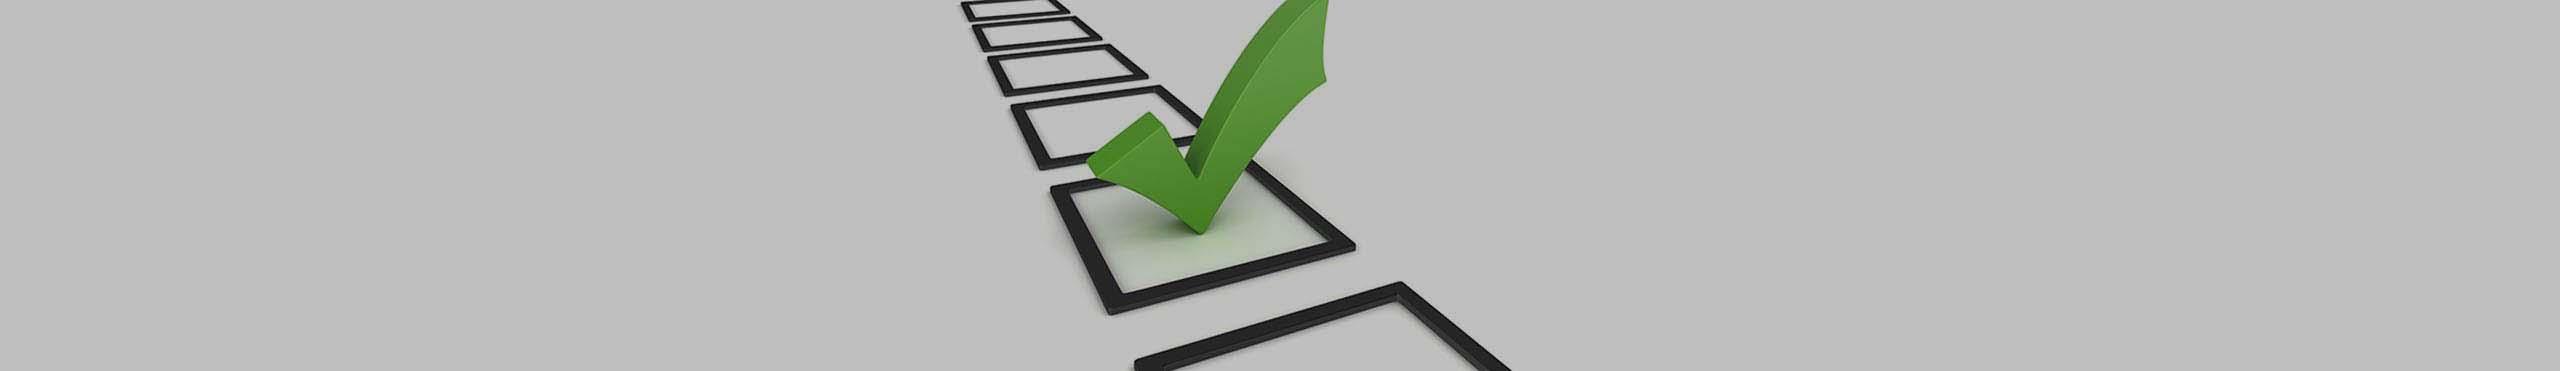 7 points à vérifier avant d'ouvrir un contrat d'assurance-vie